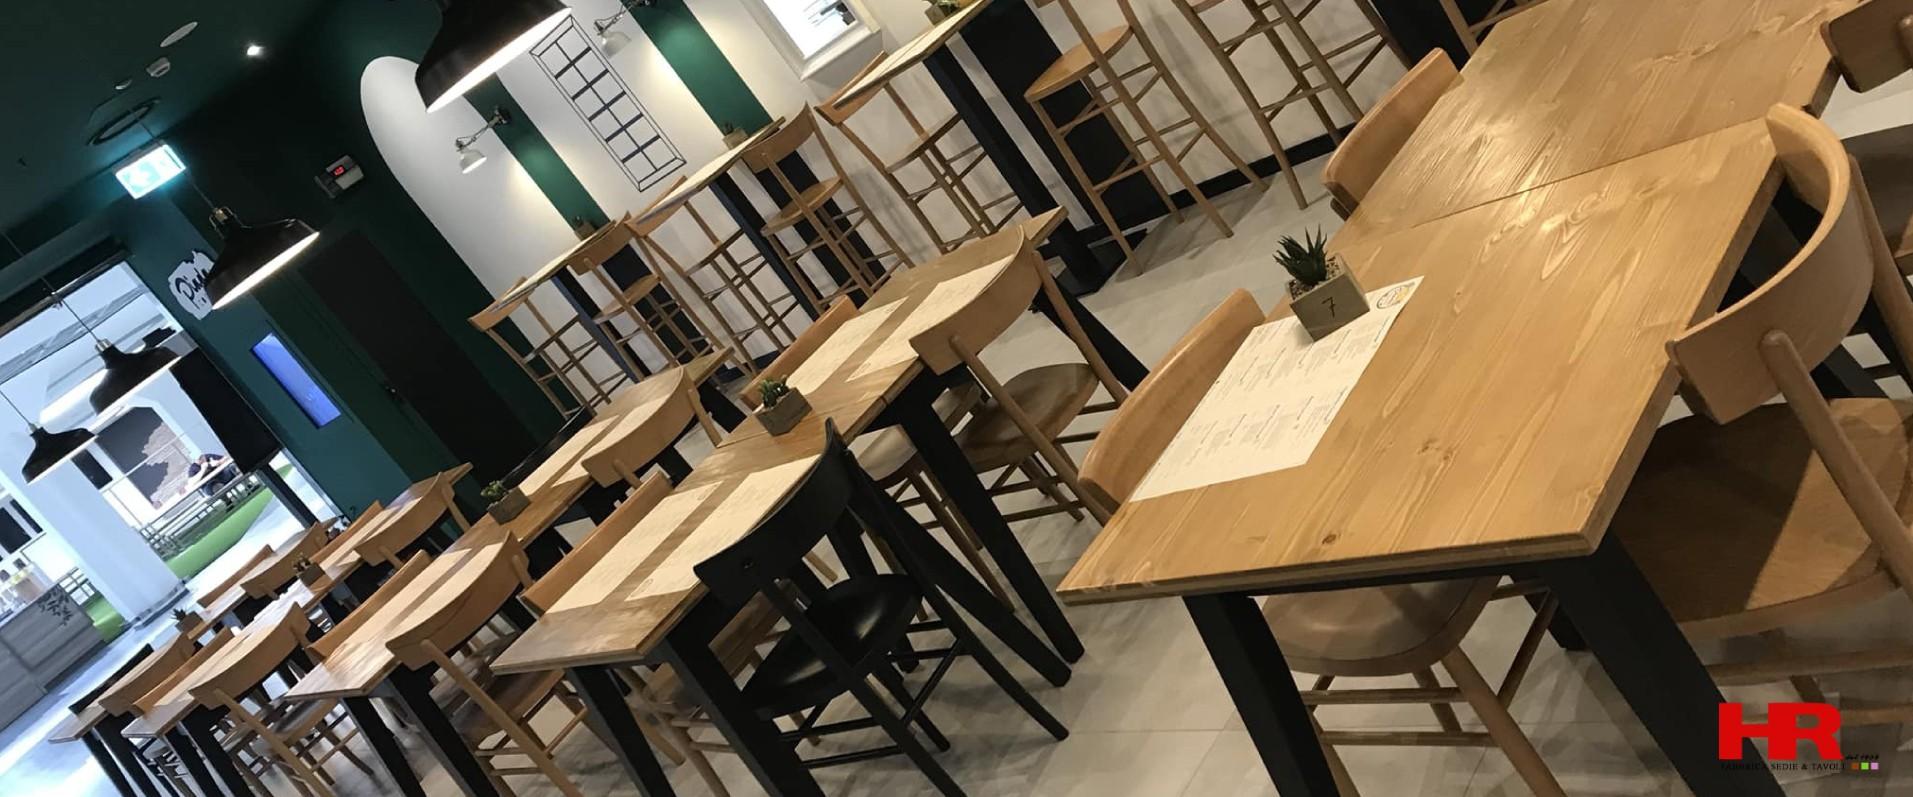 Sedie tavoli ristorante in vendita in arredamento e casalinghi: Hr Sedie E Tavoli